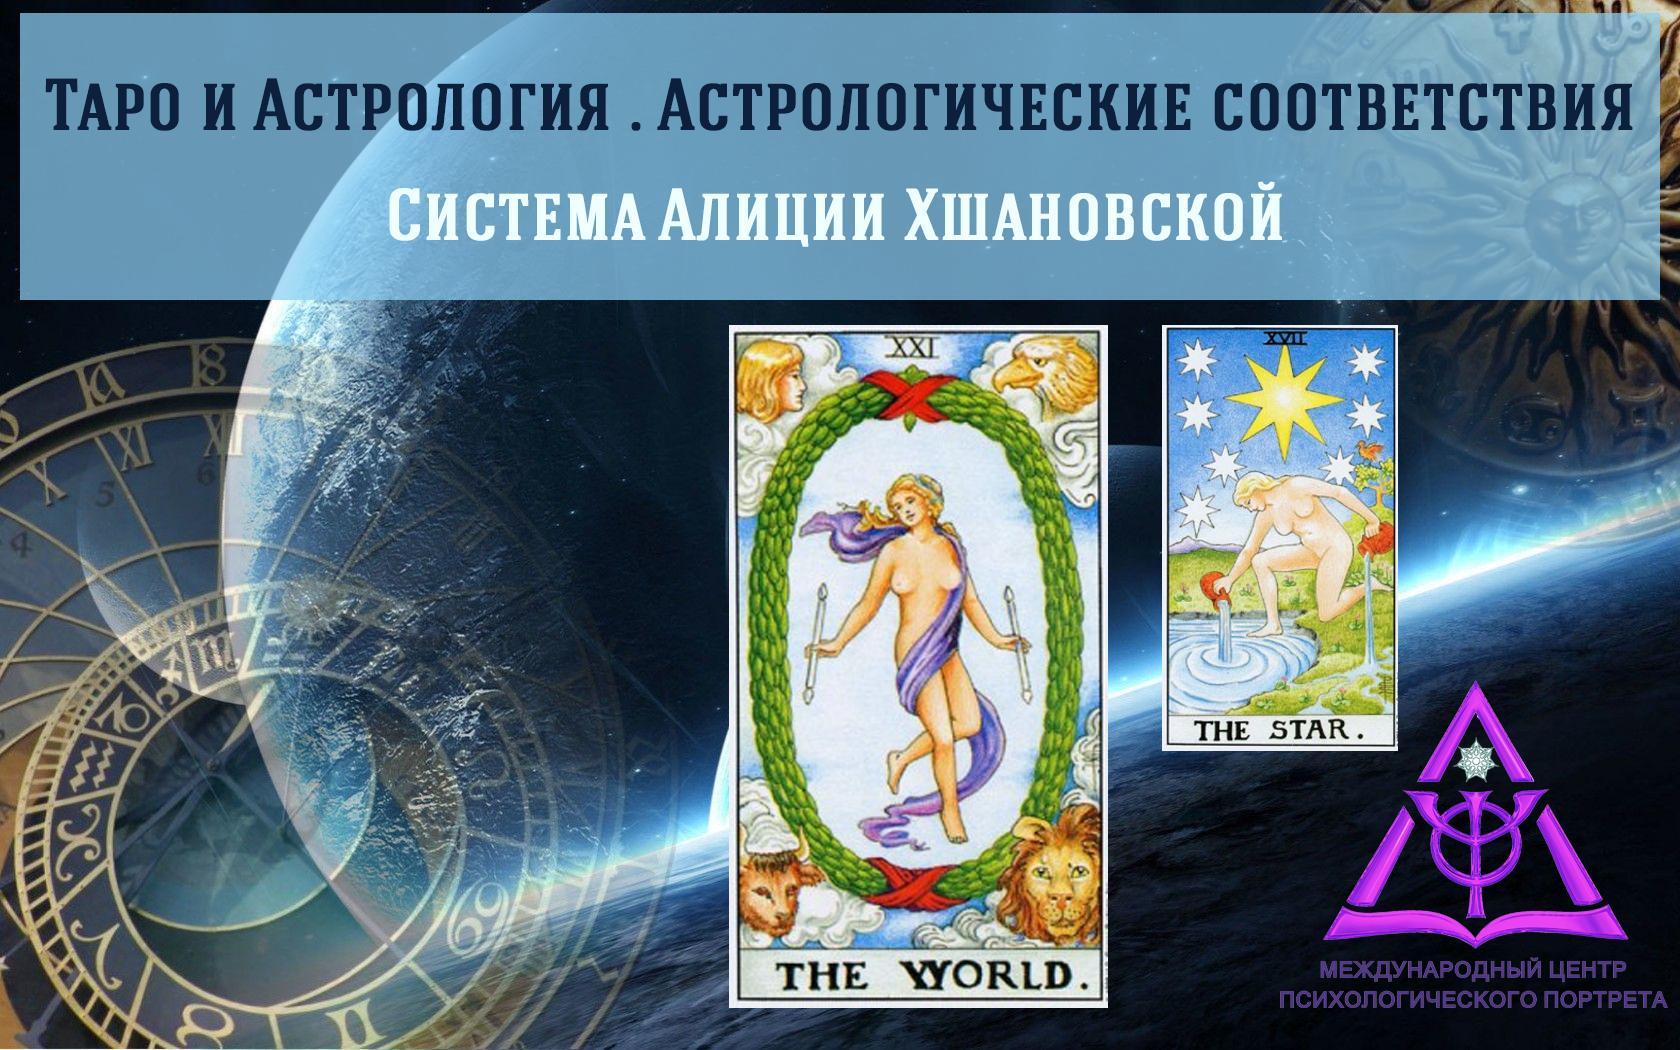 таро и астрология астрологические соответствия